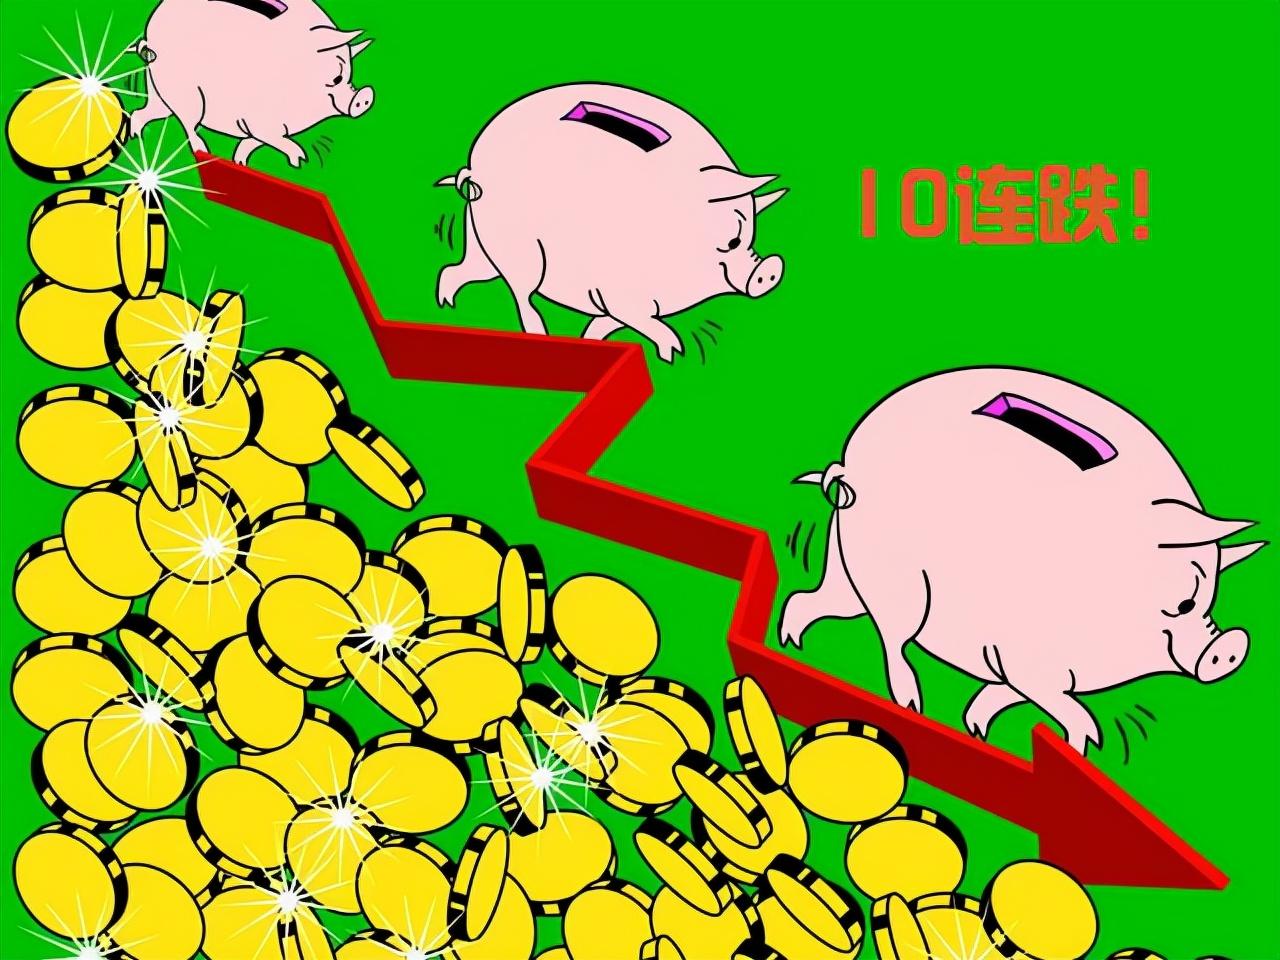 9月7日15公斤仔猪价格:生猪亏得一塌糊涂,仔猪泛滥任人宰割?